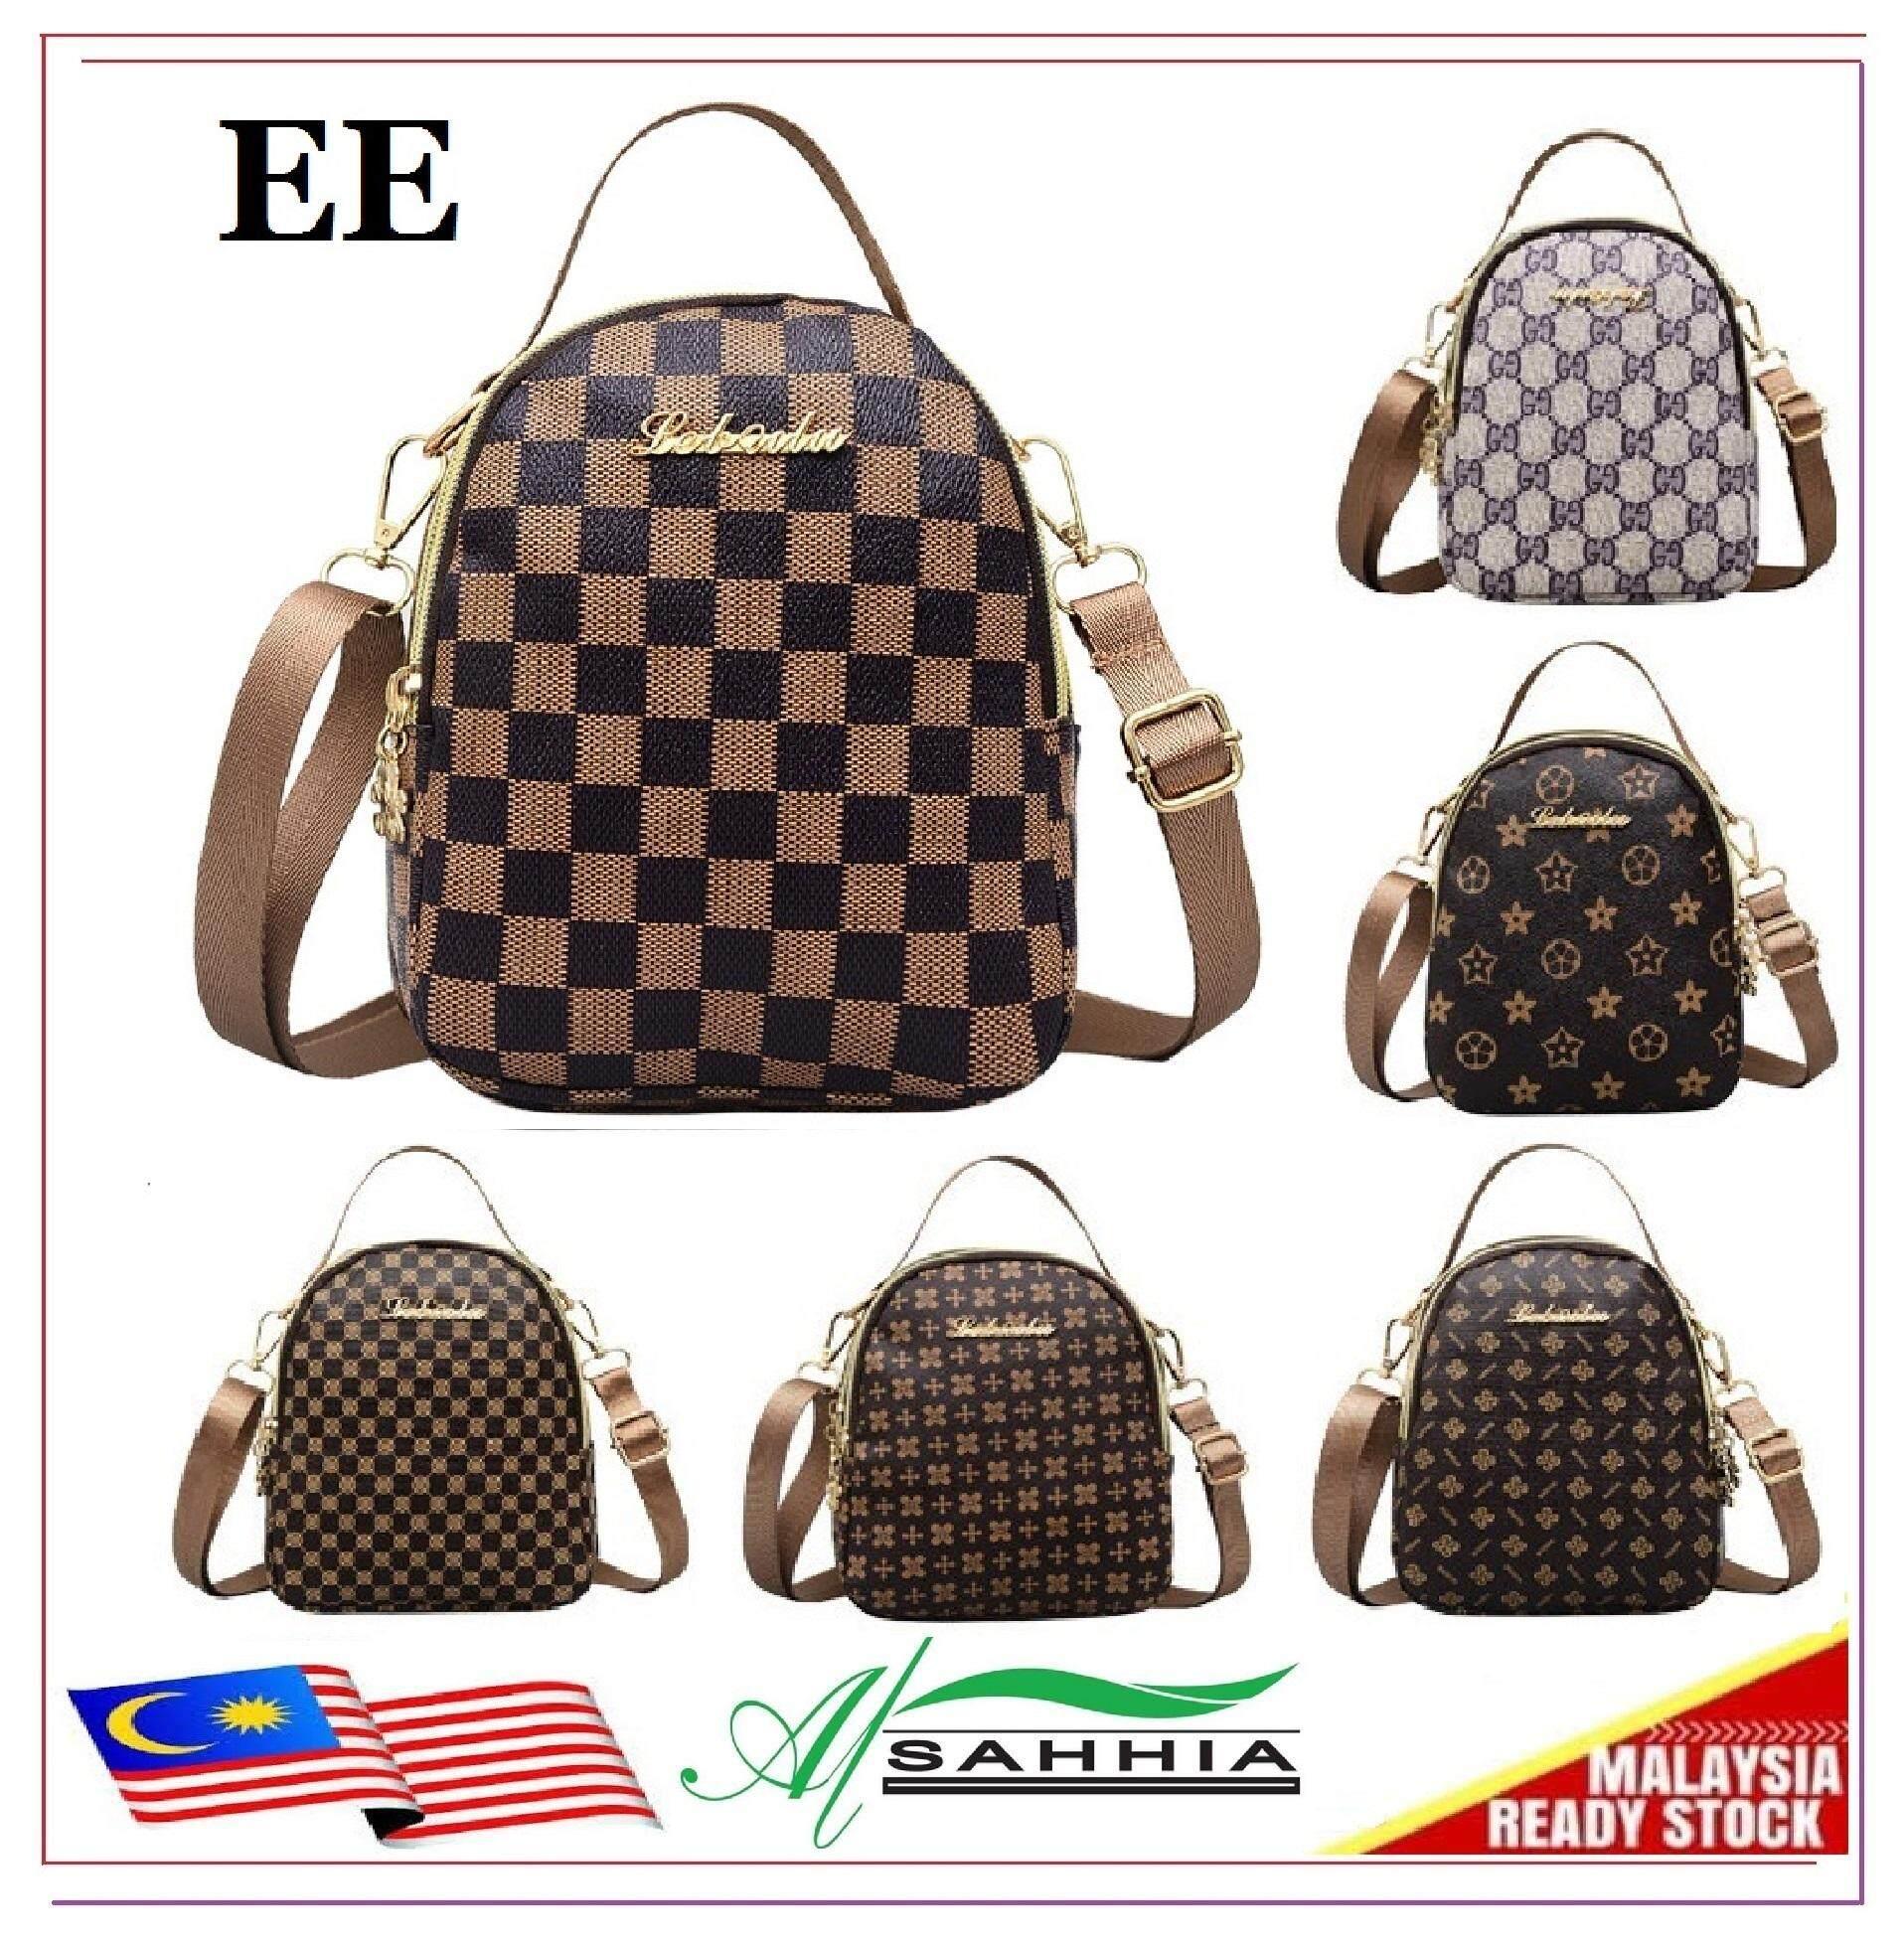 949bdae075 Al Sahhia Ready Stock Vintage 6 Fashion Messenger Sling Bag Handbag